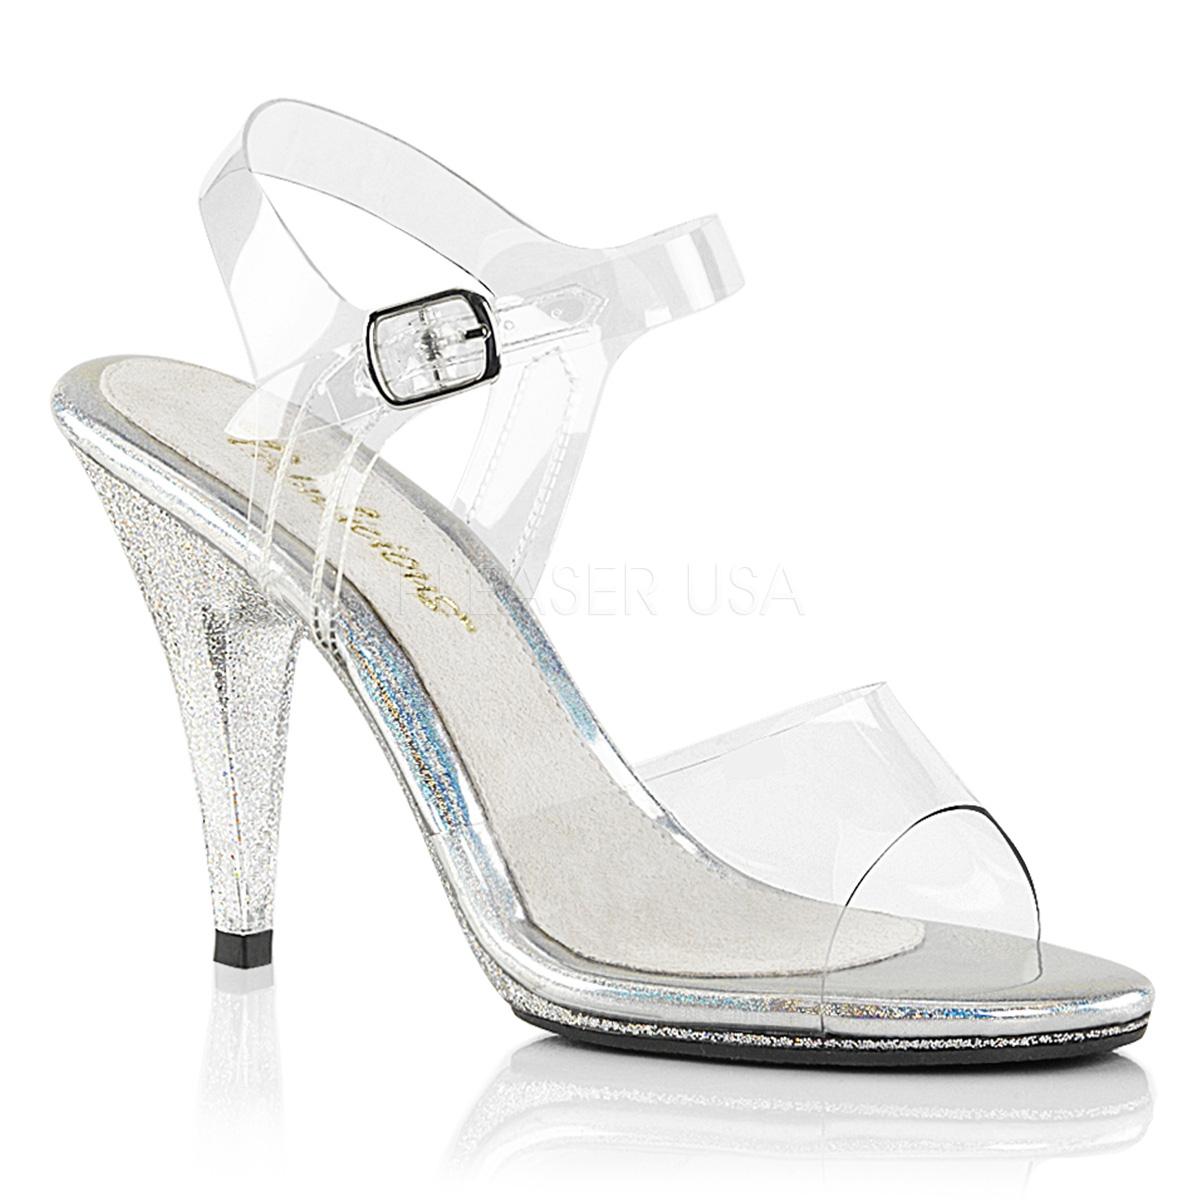 Sandales transparentes haut talon - Pointure : 40